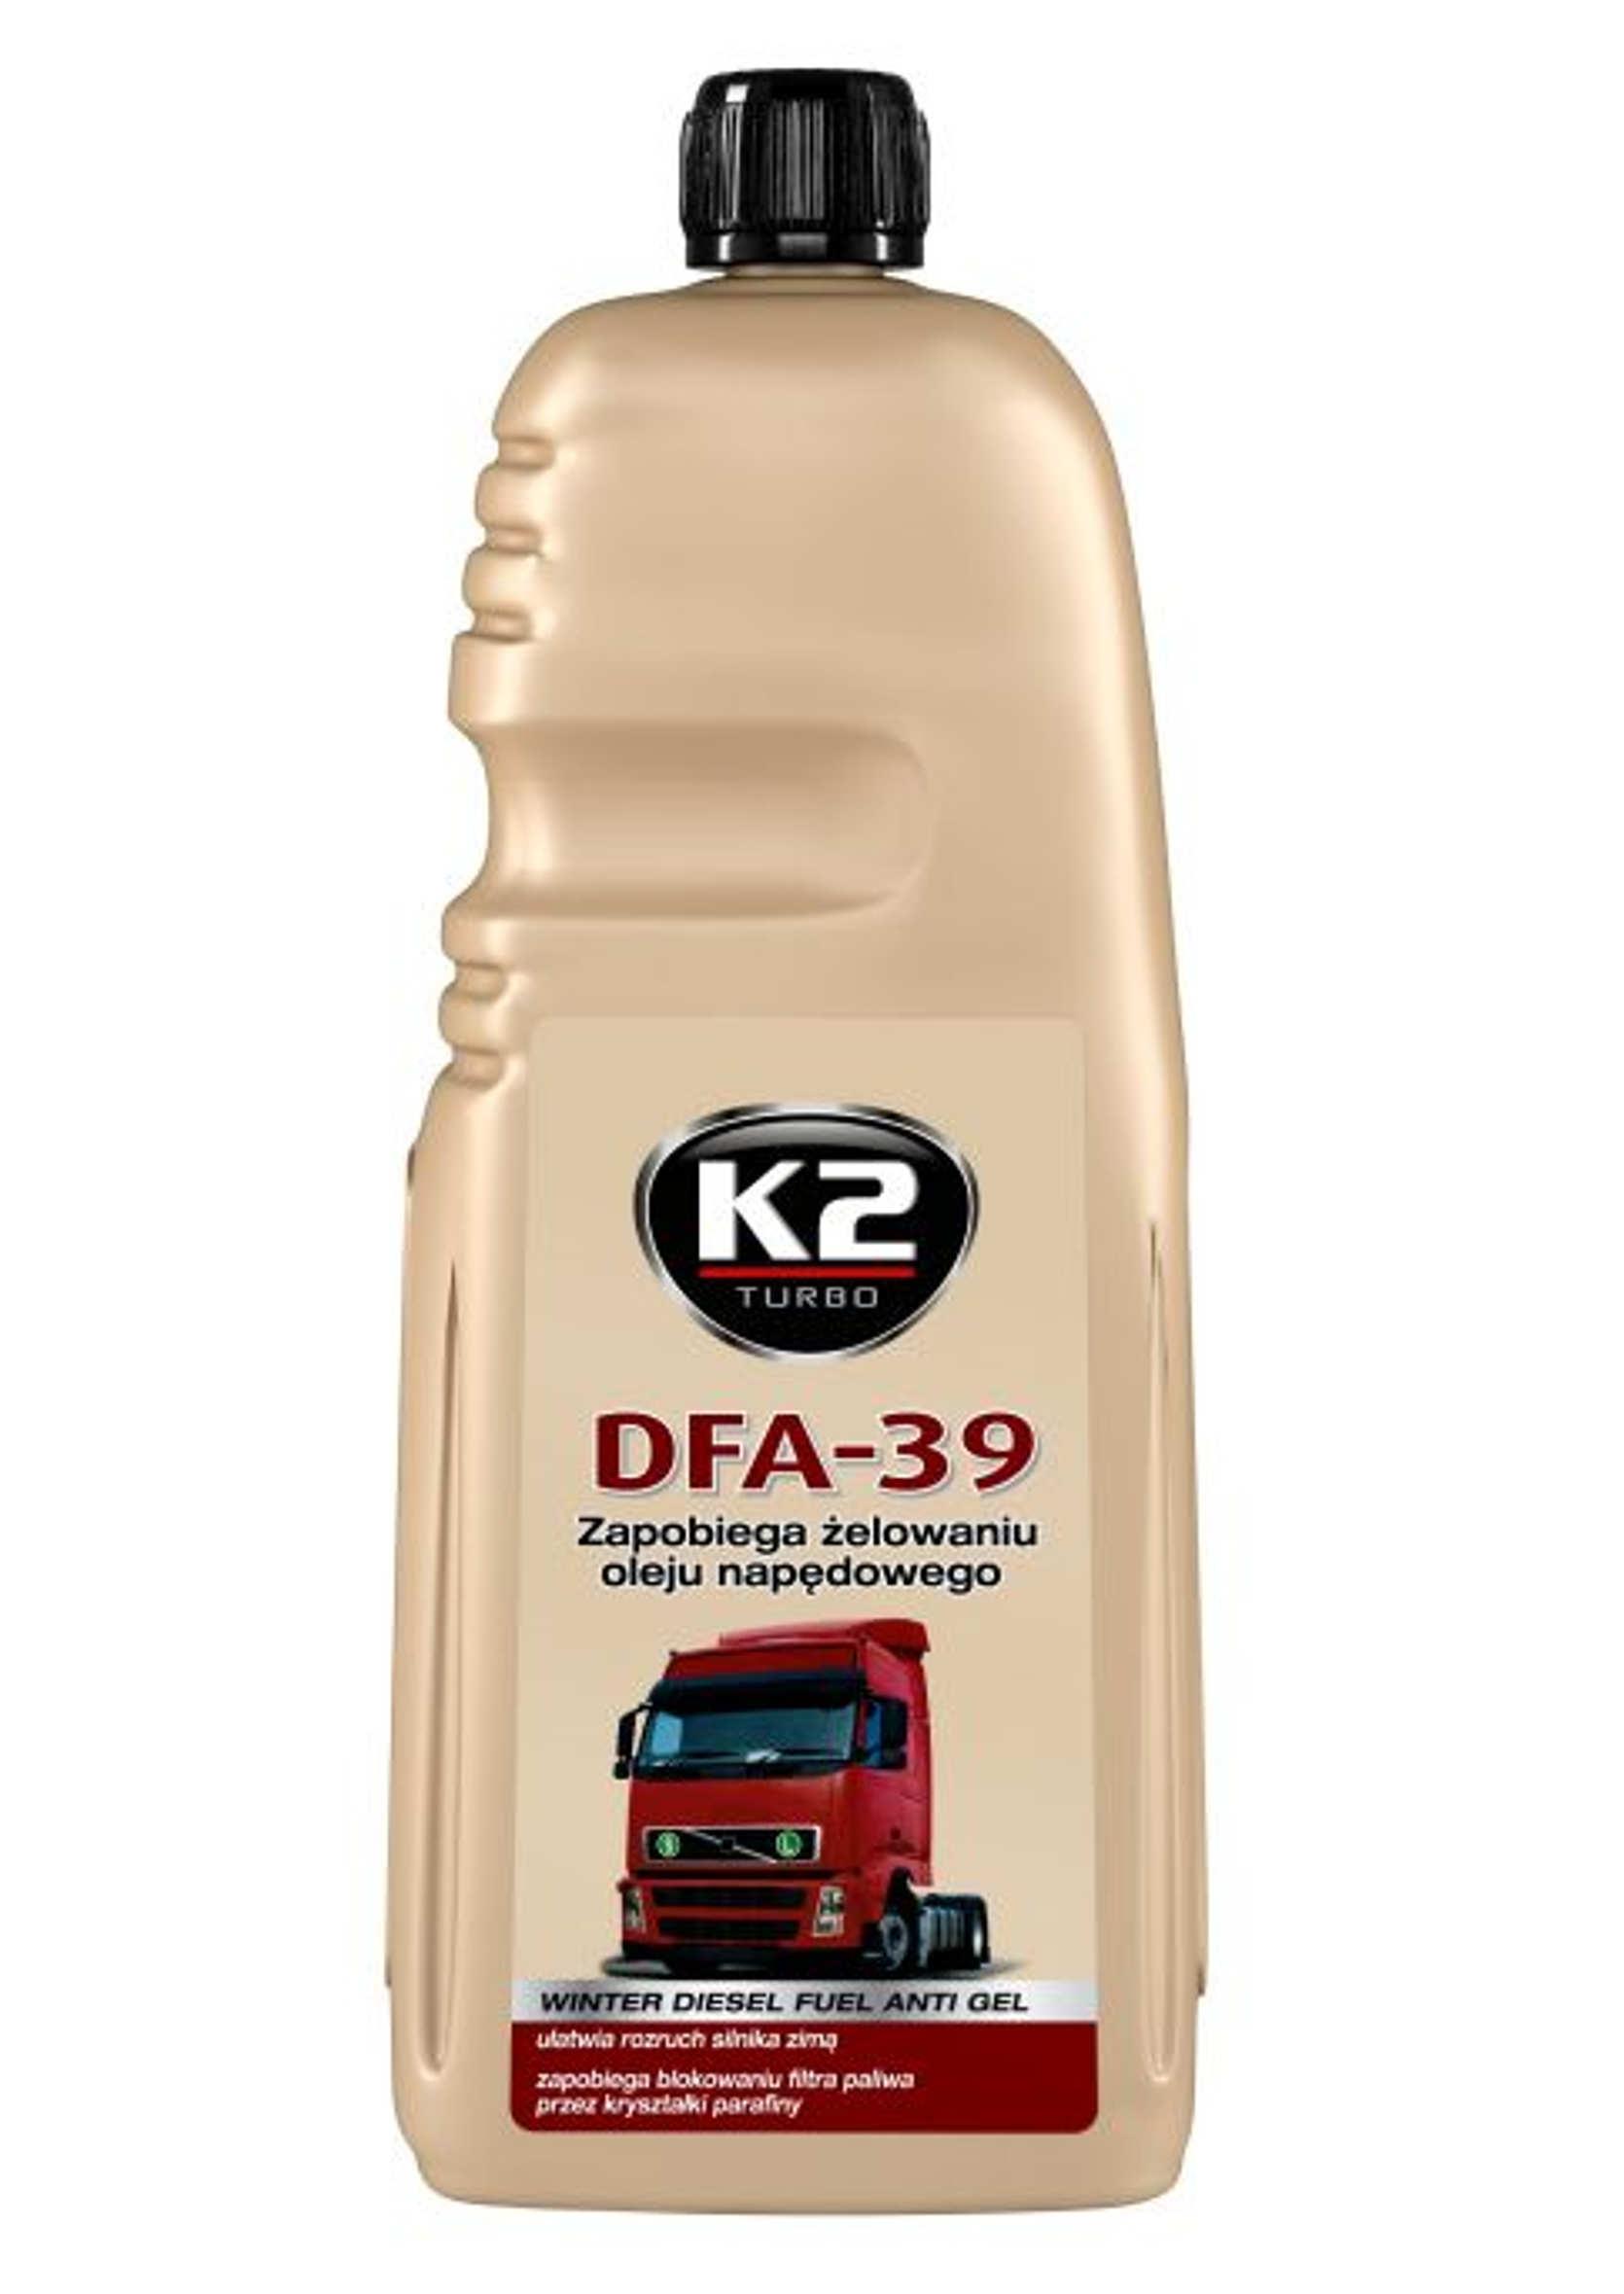 K2 DFA -39C 1L Depresator Dodatek do Diesla Przeciw Żelowaniu ON